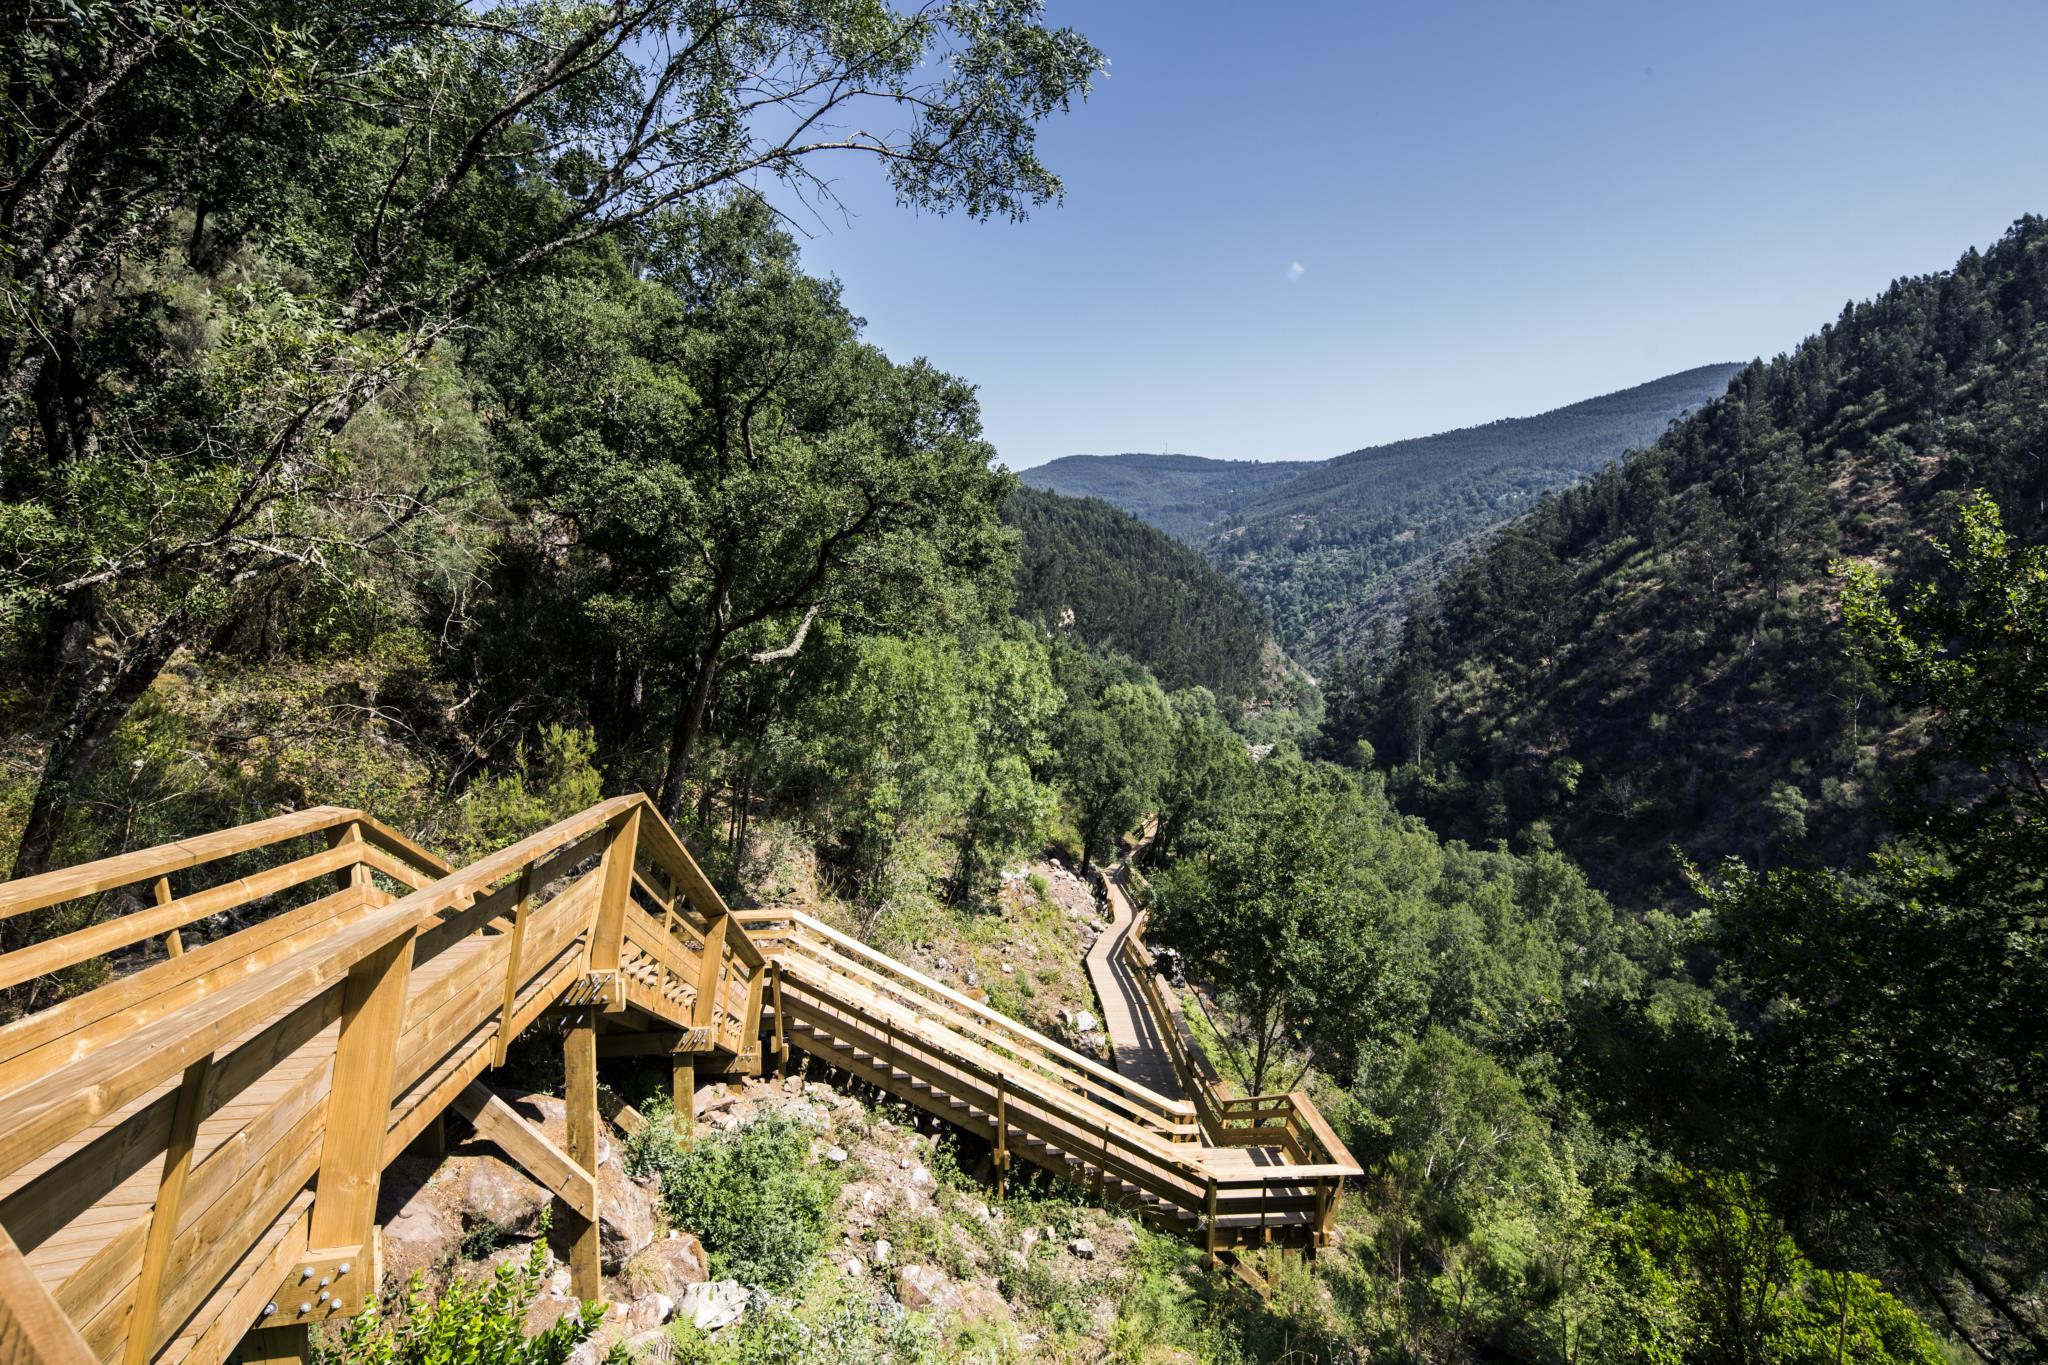 Passadiços do Paiva nomeados para Projecto de Desenvolvimento Turístico do ano